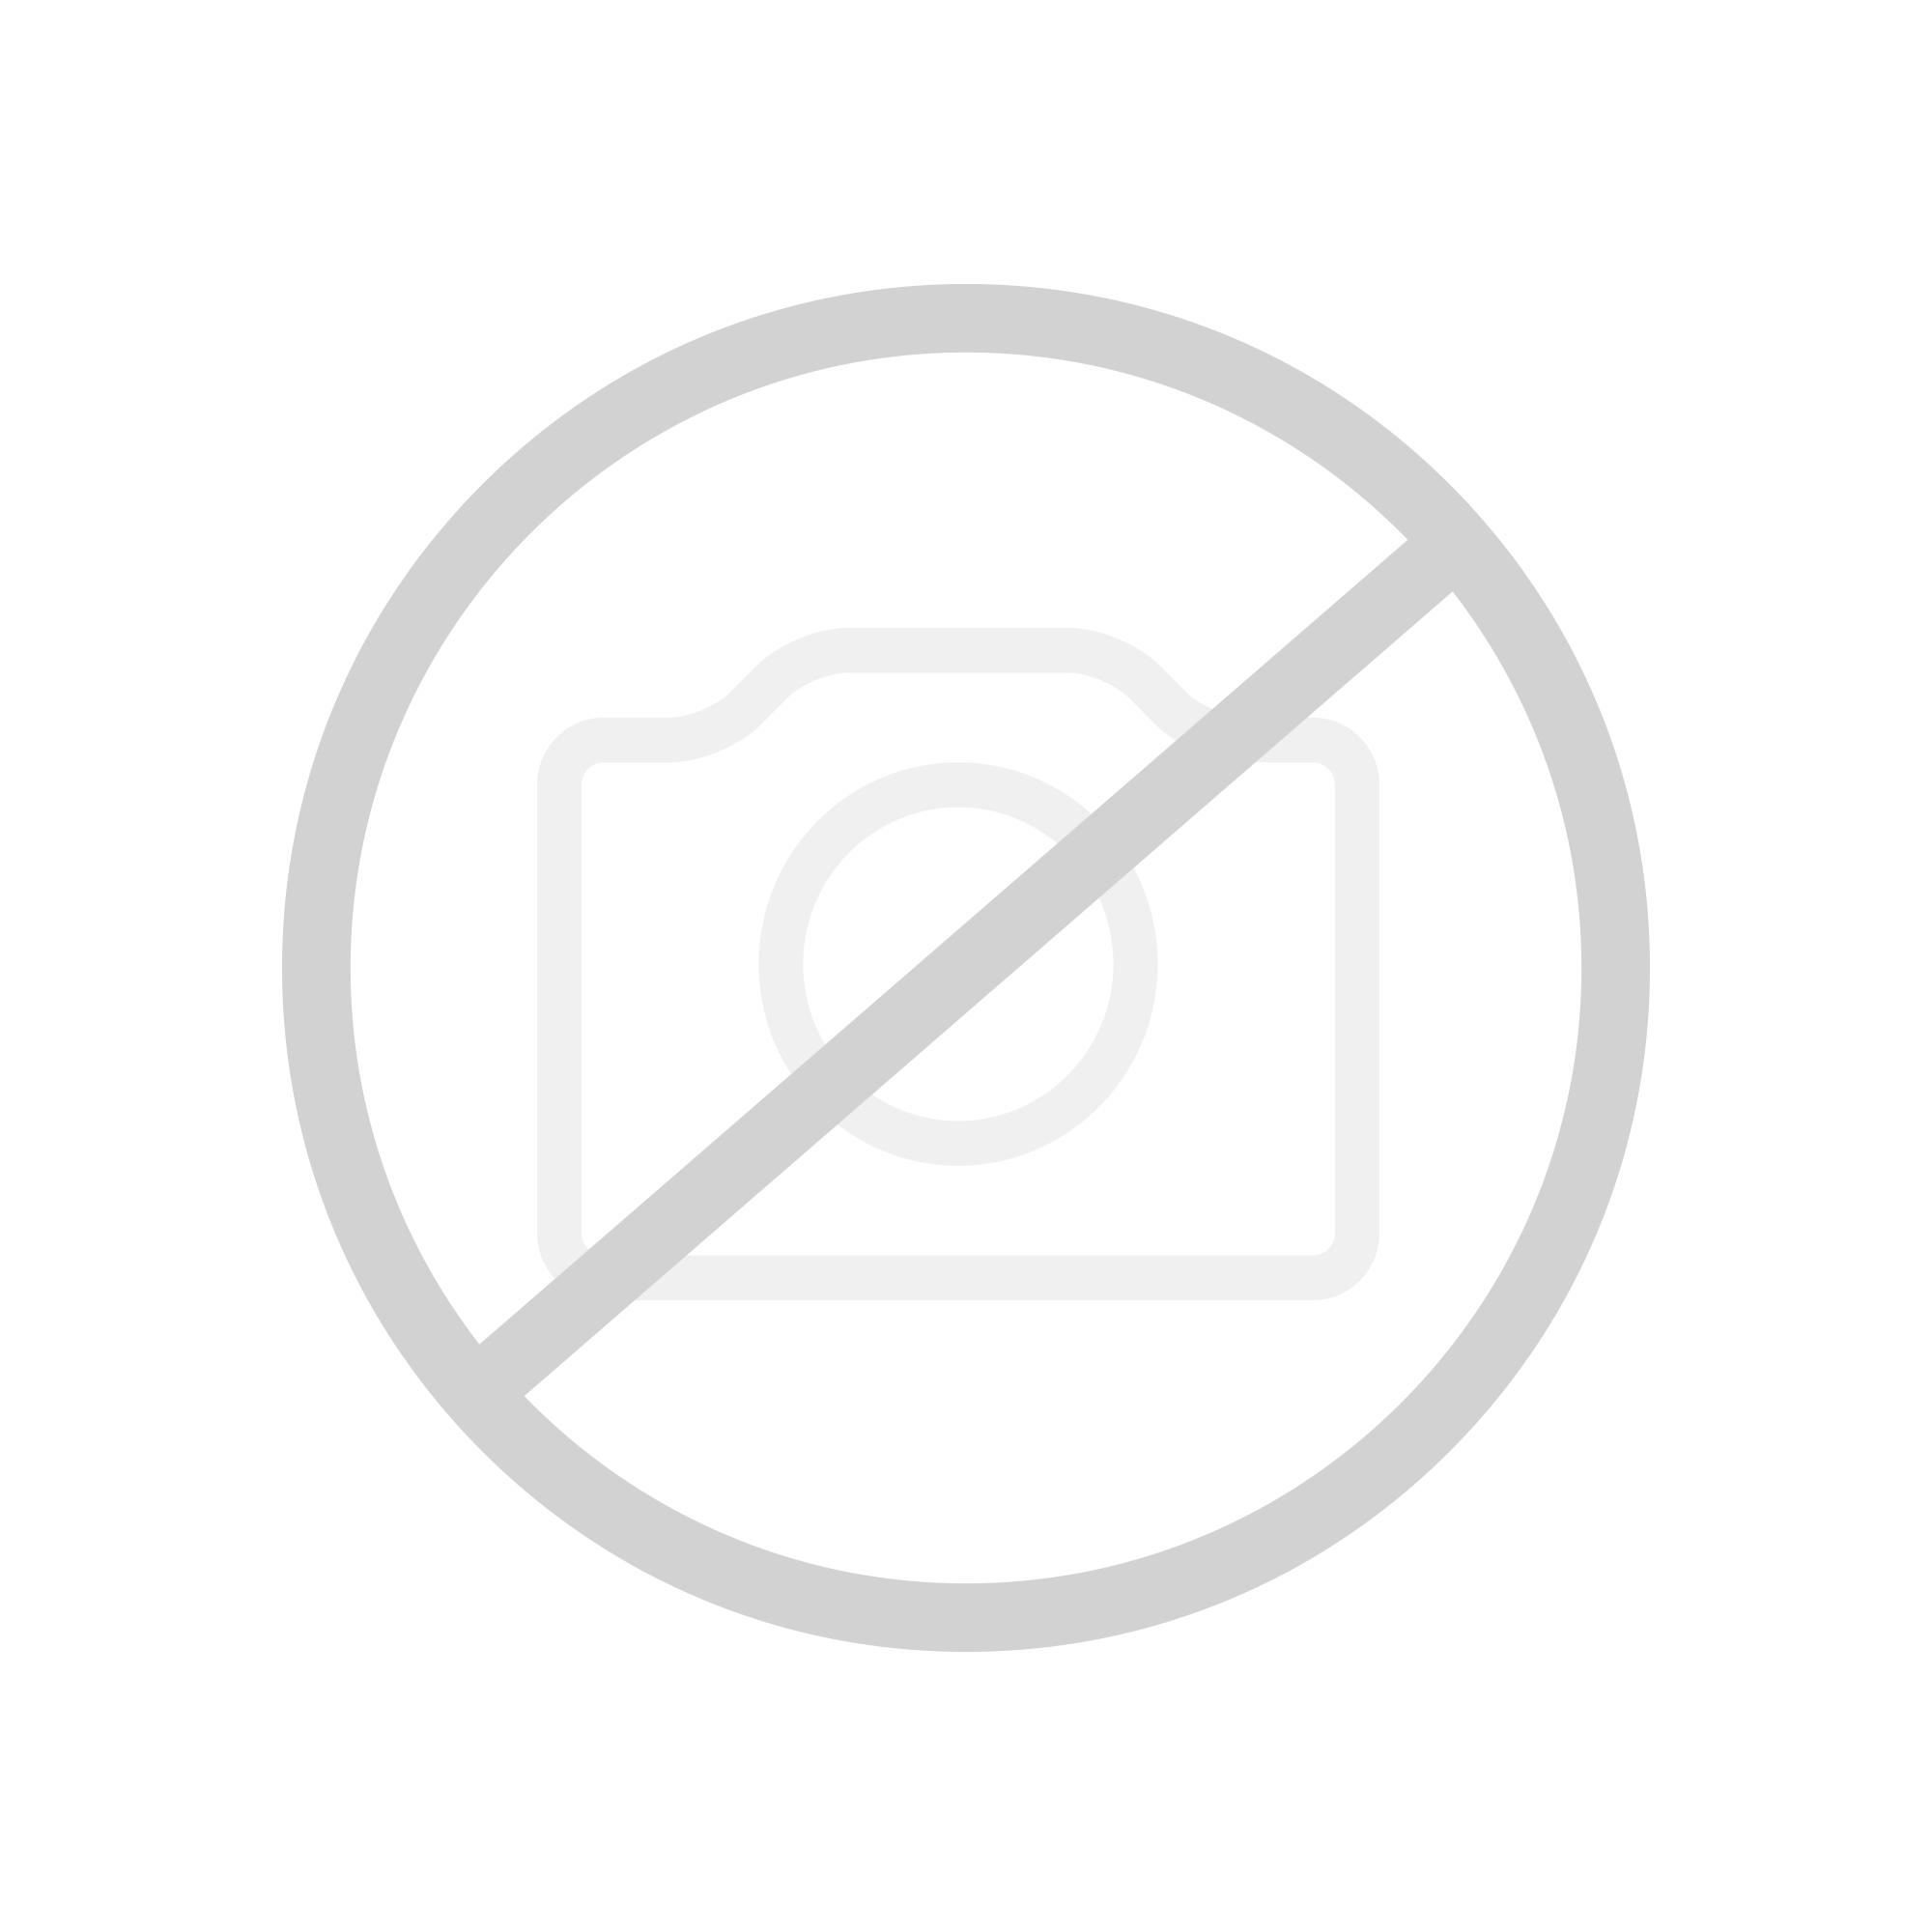 HSK ASP Softcube Spiegel Hochschrank Anschlag rechts